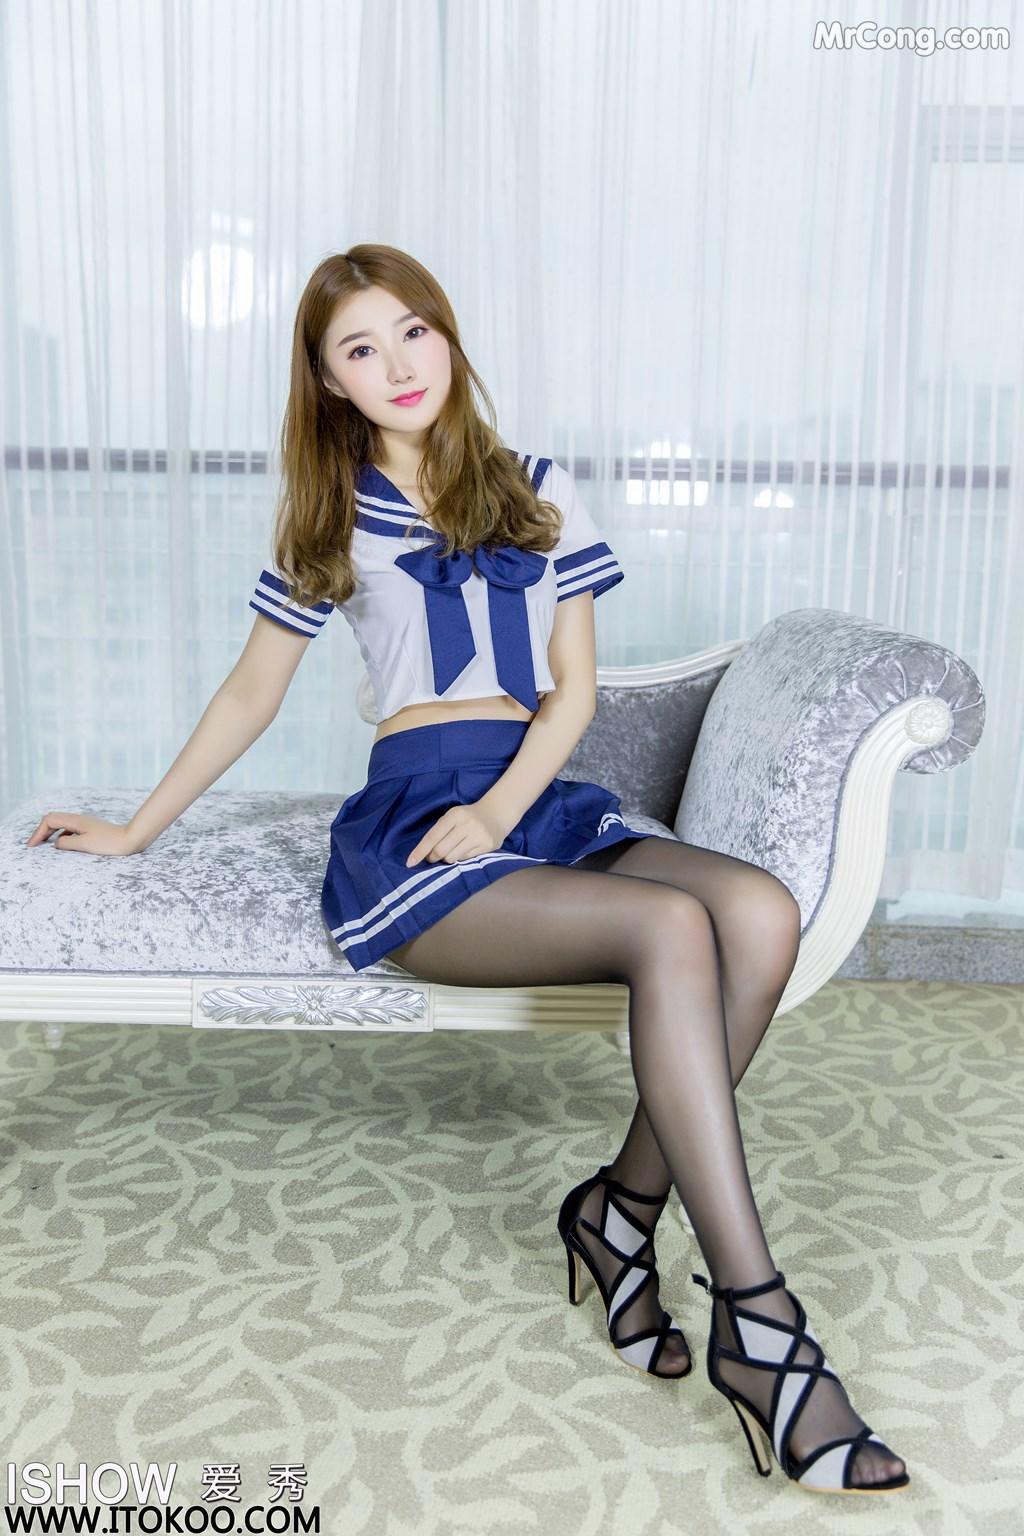 Image ISHOW-No.154-Zhou-Xiao-Bai-MrCong.com-007 in post ISHOW No.154: Người mẫu Zhou Xiao Bai (周小白) (31 ảnh)